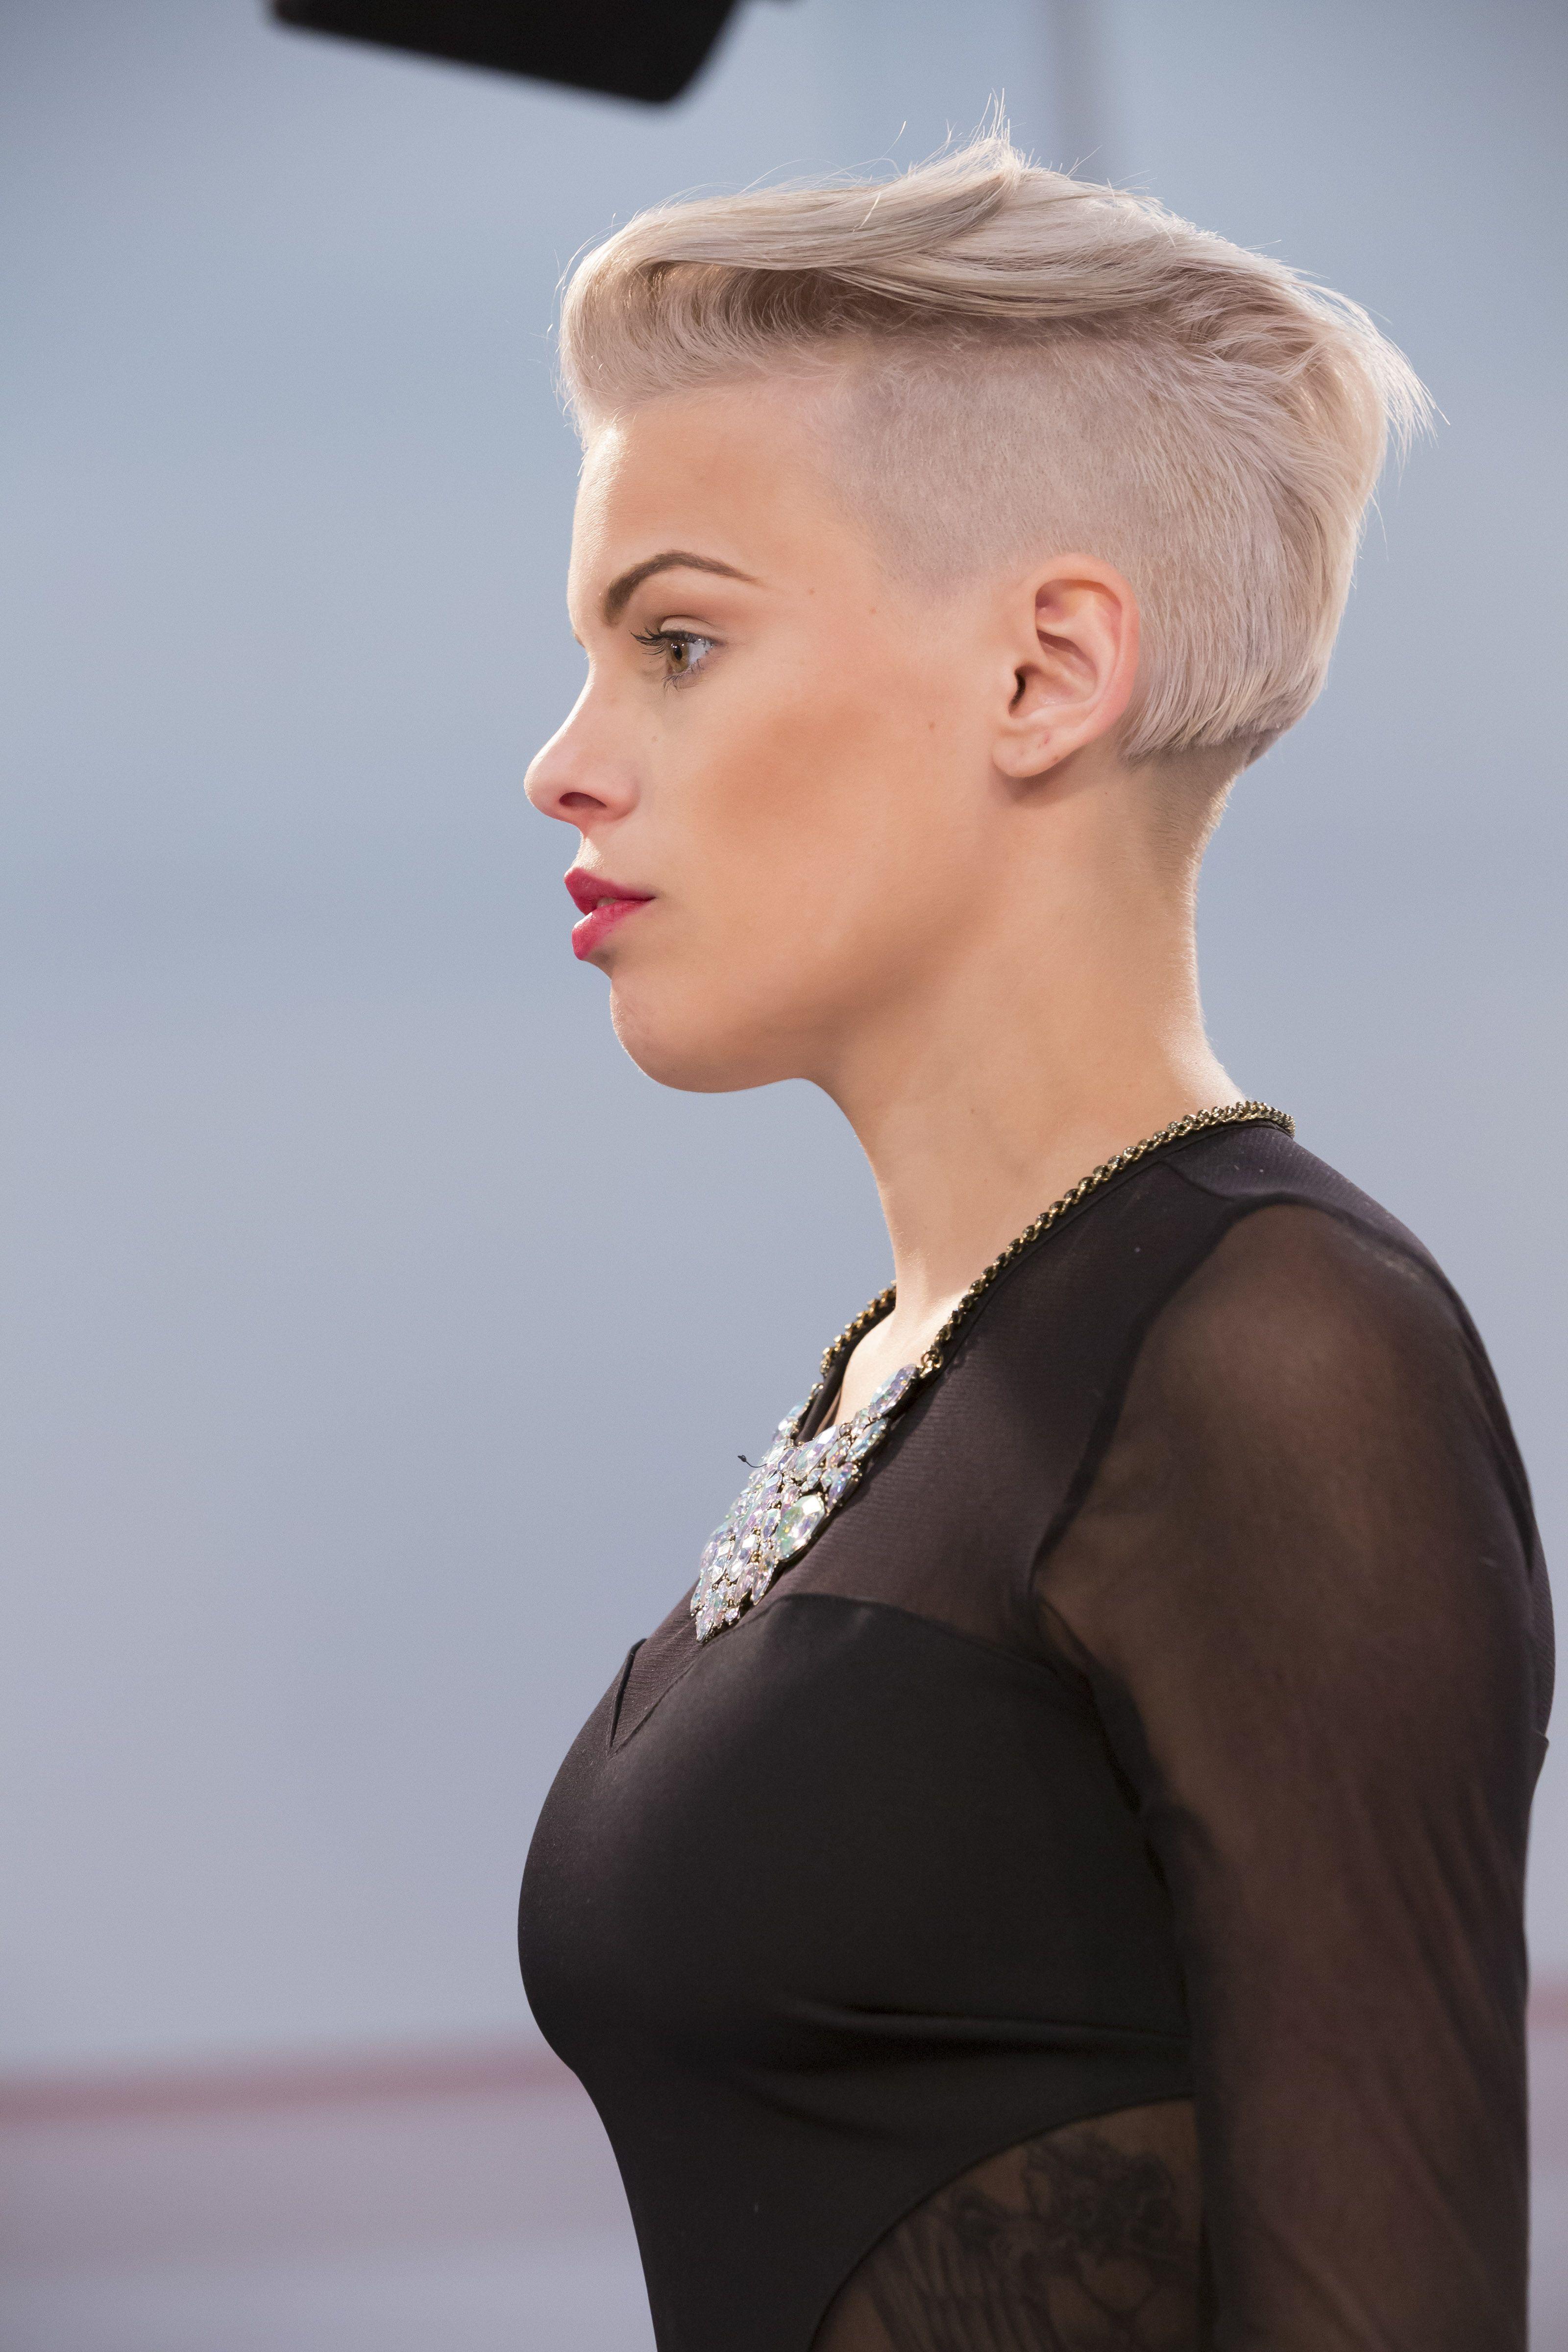 Mens haircut buzzed sides long top menus hair haircuts fade haircuts short medium long buzzed